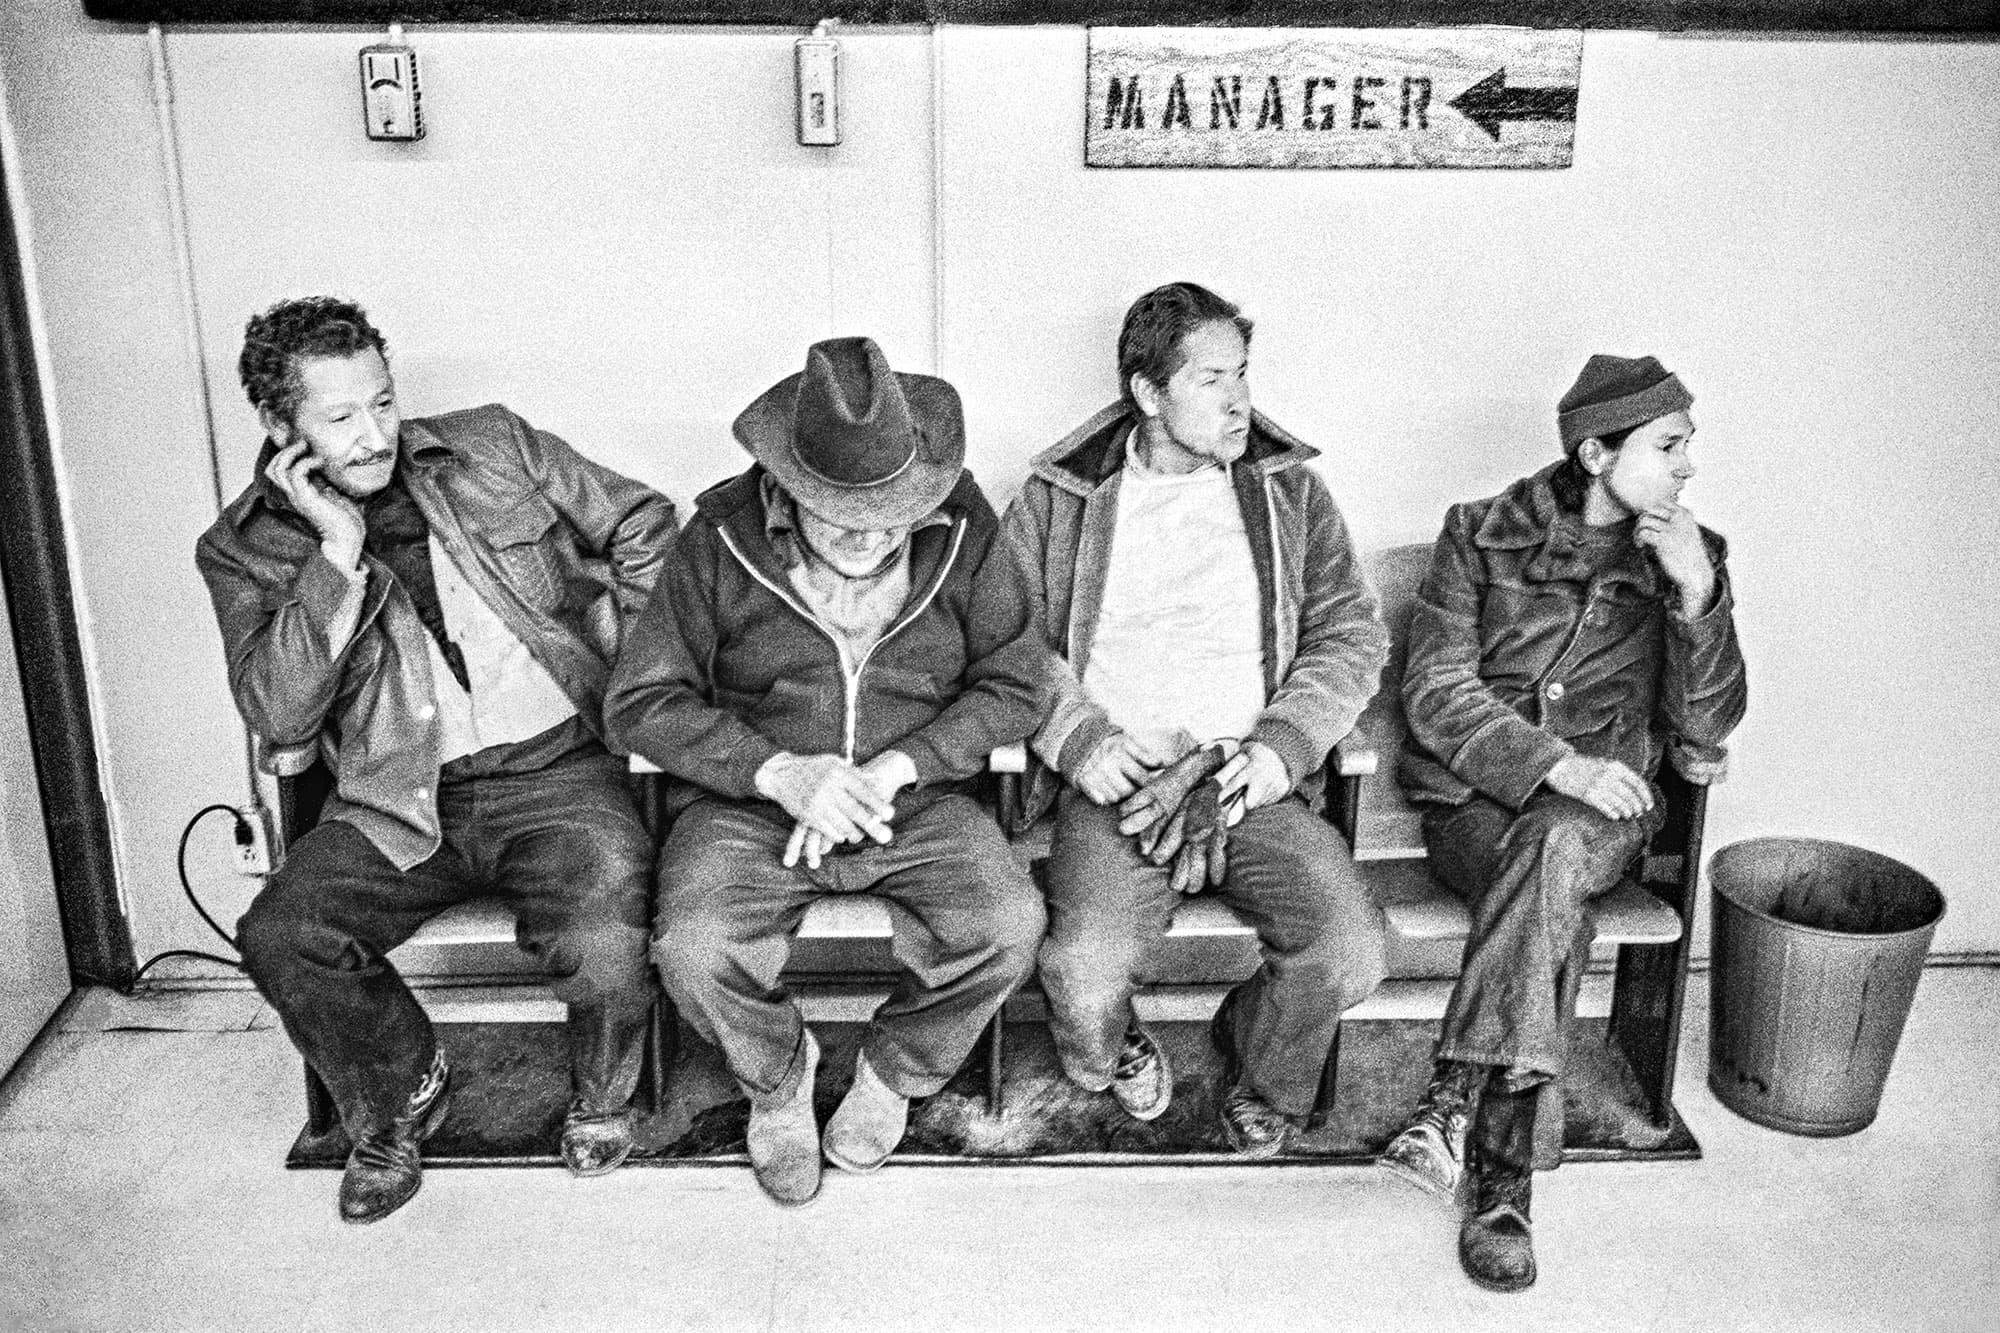 arthur-lazar-Four-Men-New-Mexico-1980